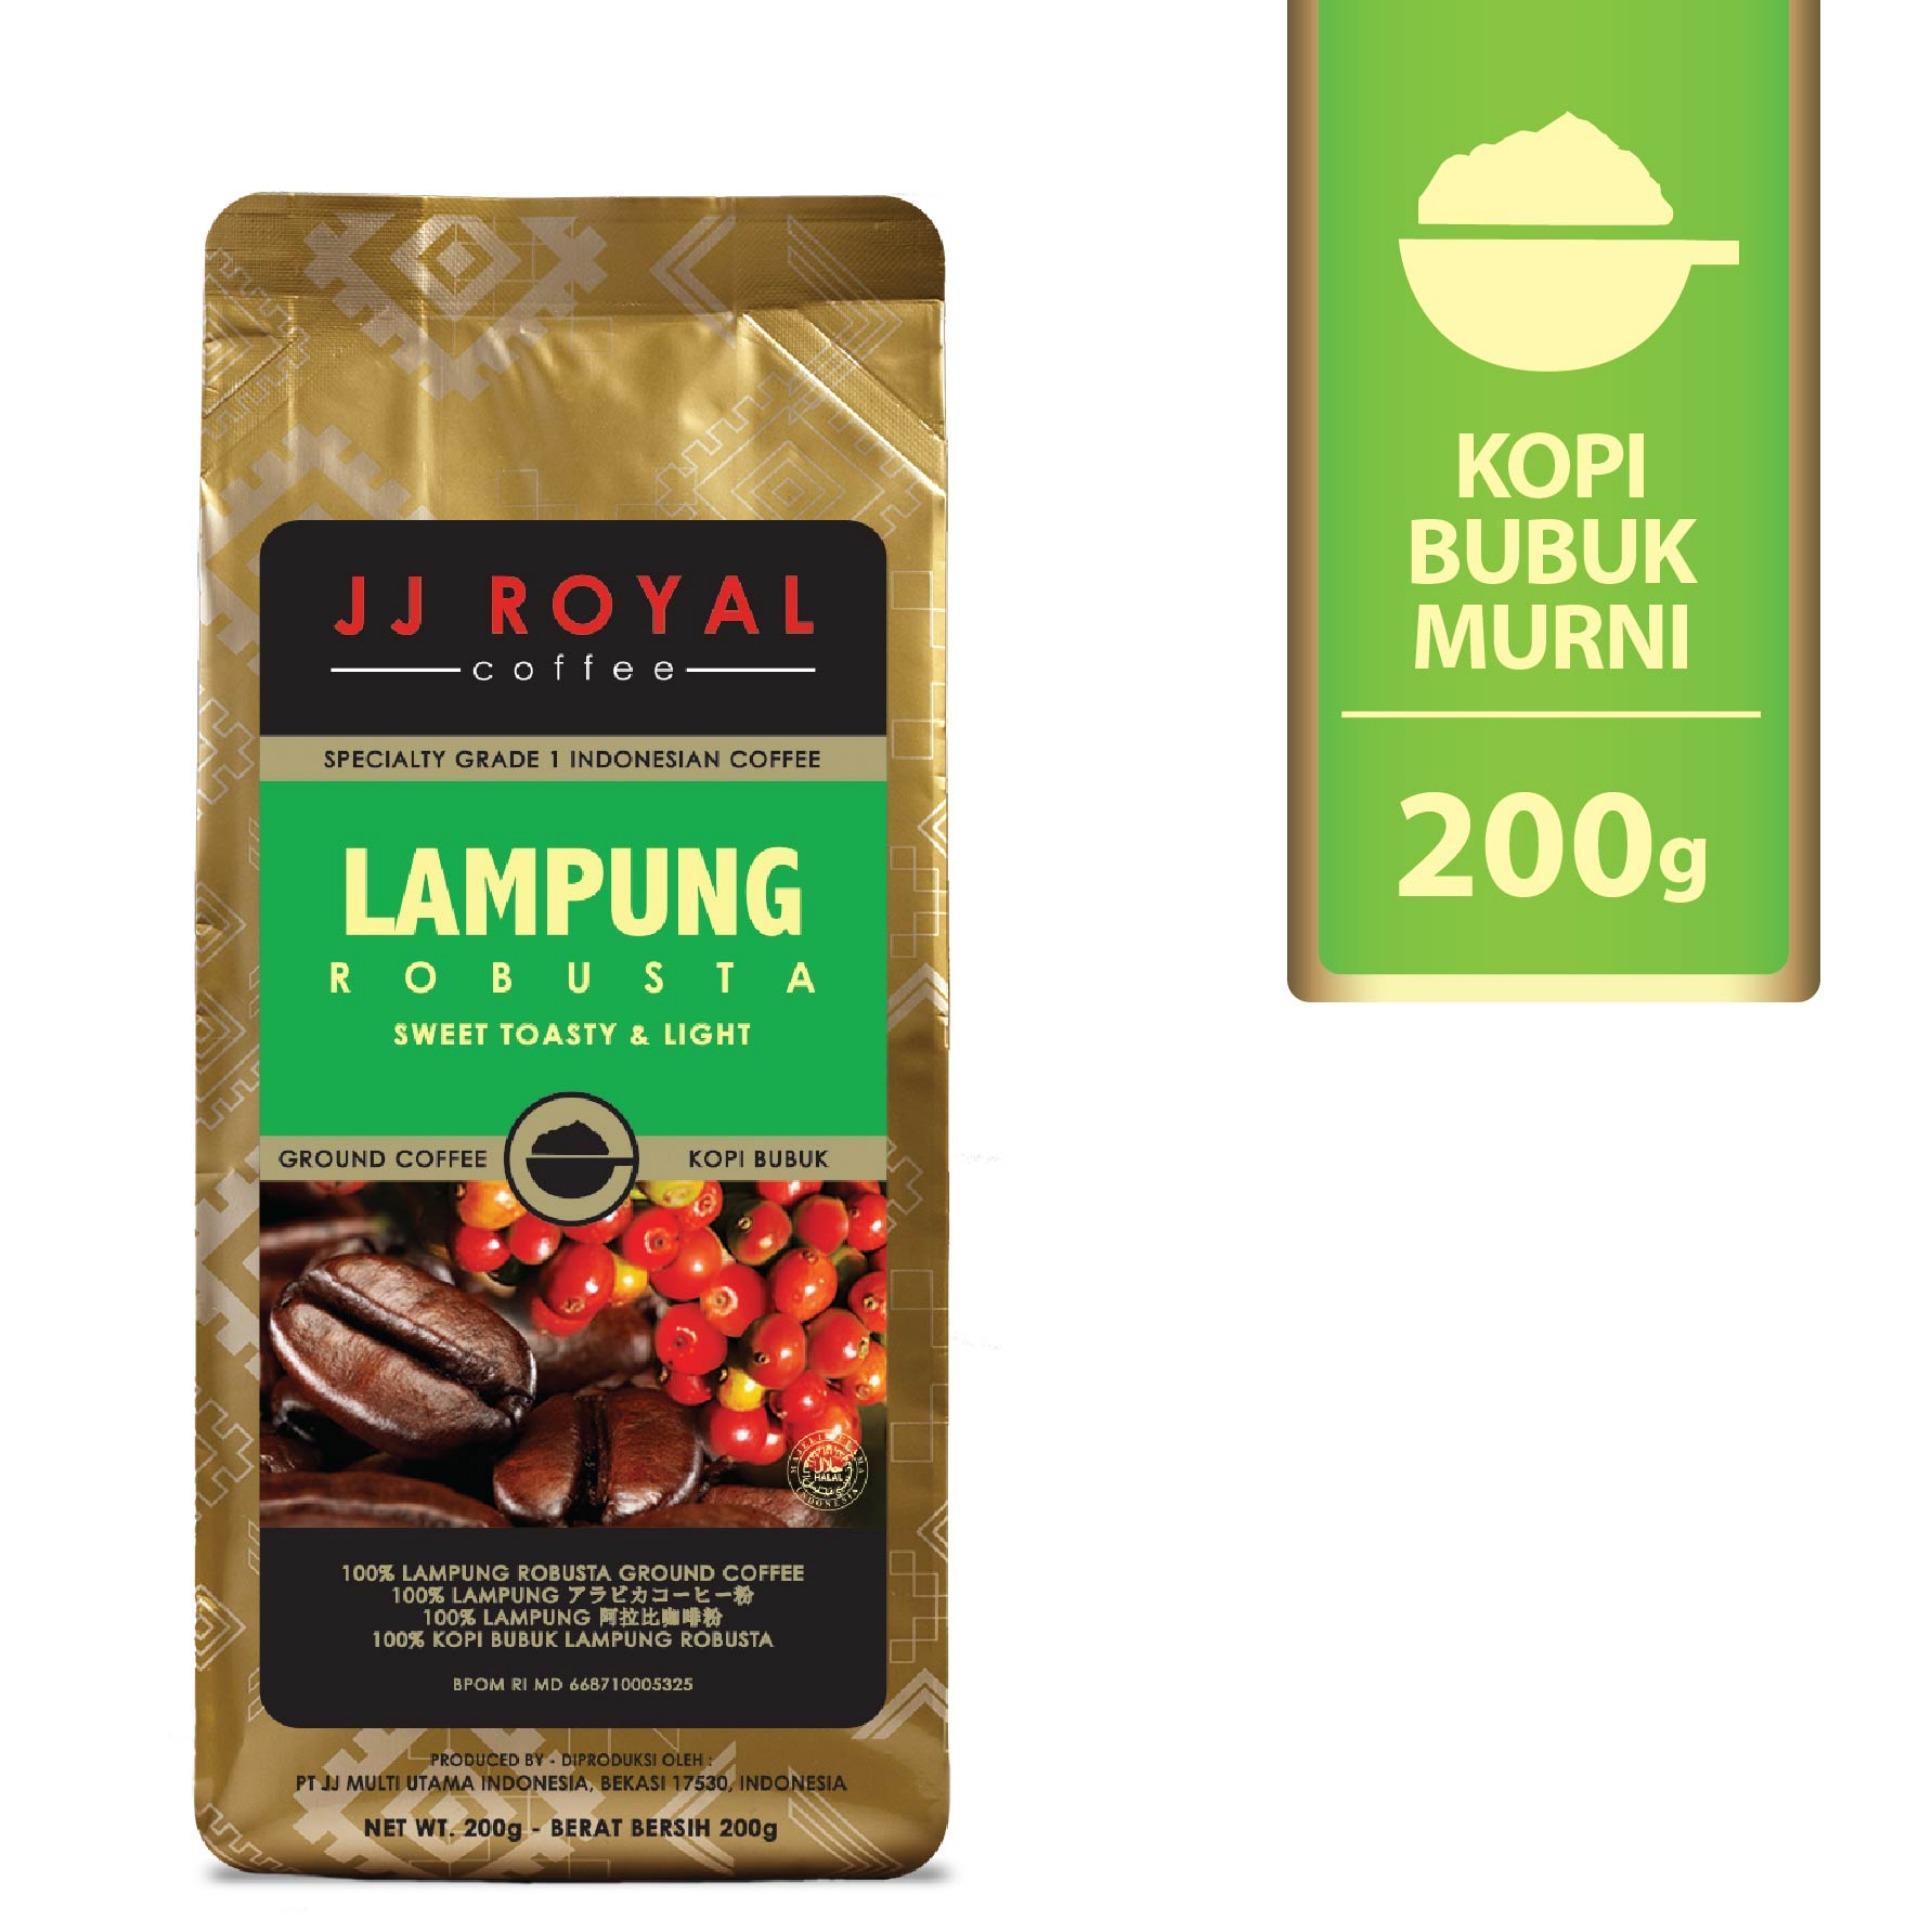 JJ Royal Coffee Lampung Robusta Ground (Kopi Bubuk) 200gr